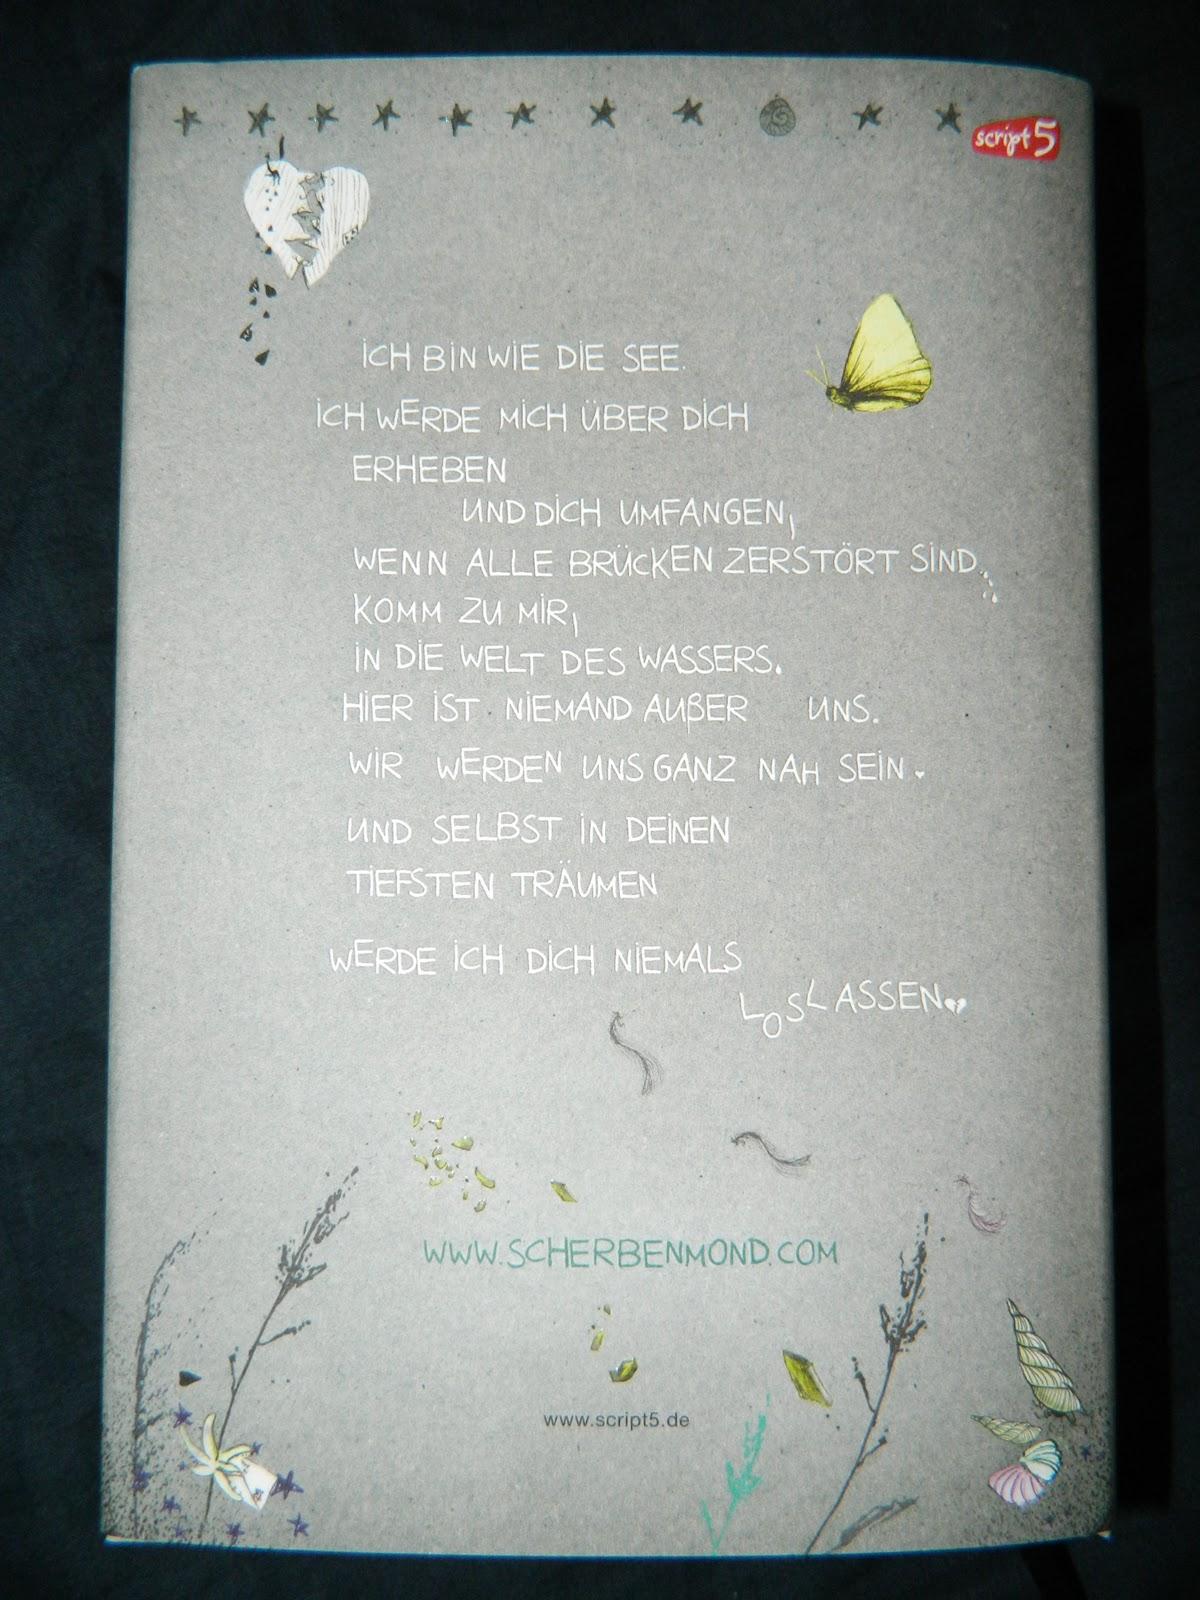 http://3.bp.blogspot.com/-7_3dyb7Mum0/Tvhofnqyc8I/AAAAAAAAAJo/epHHd5svOM0/s1600/Bild%2B295.jpg